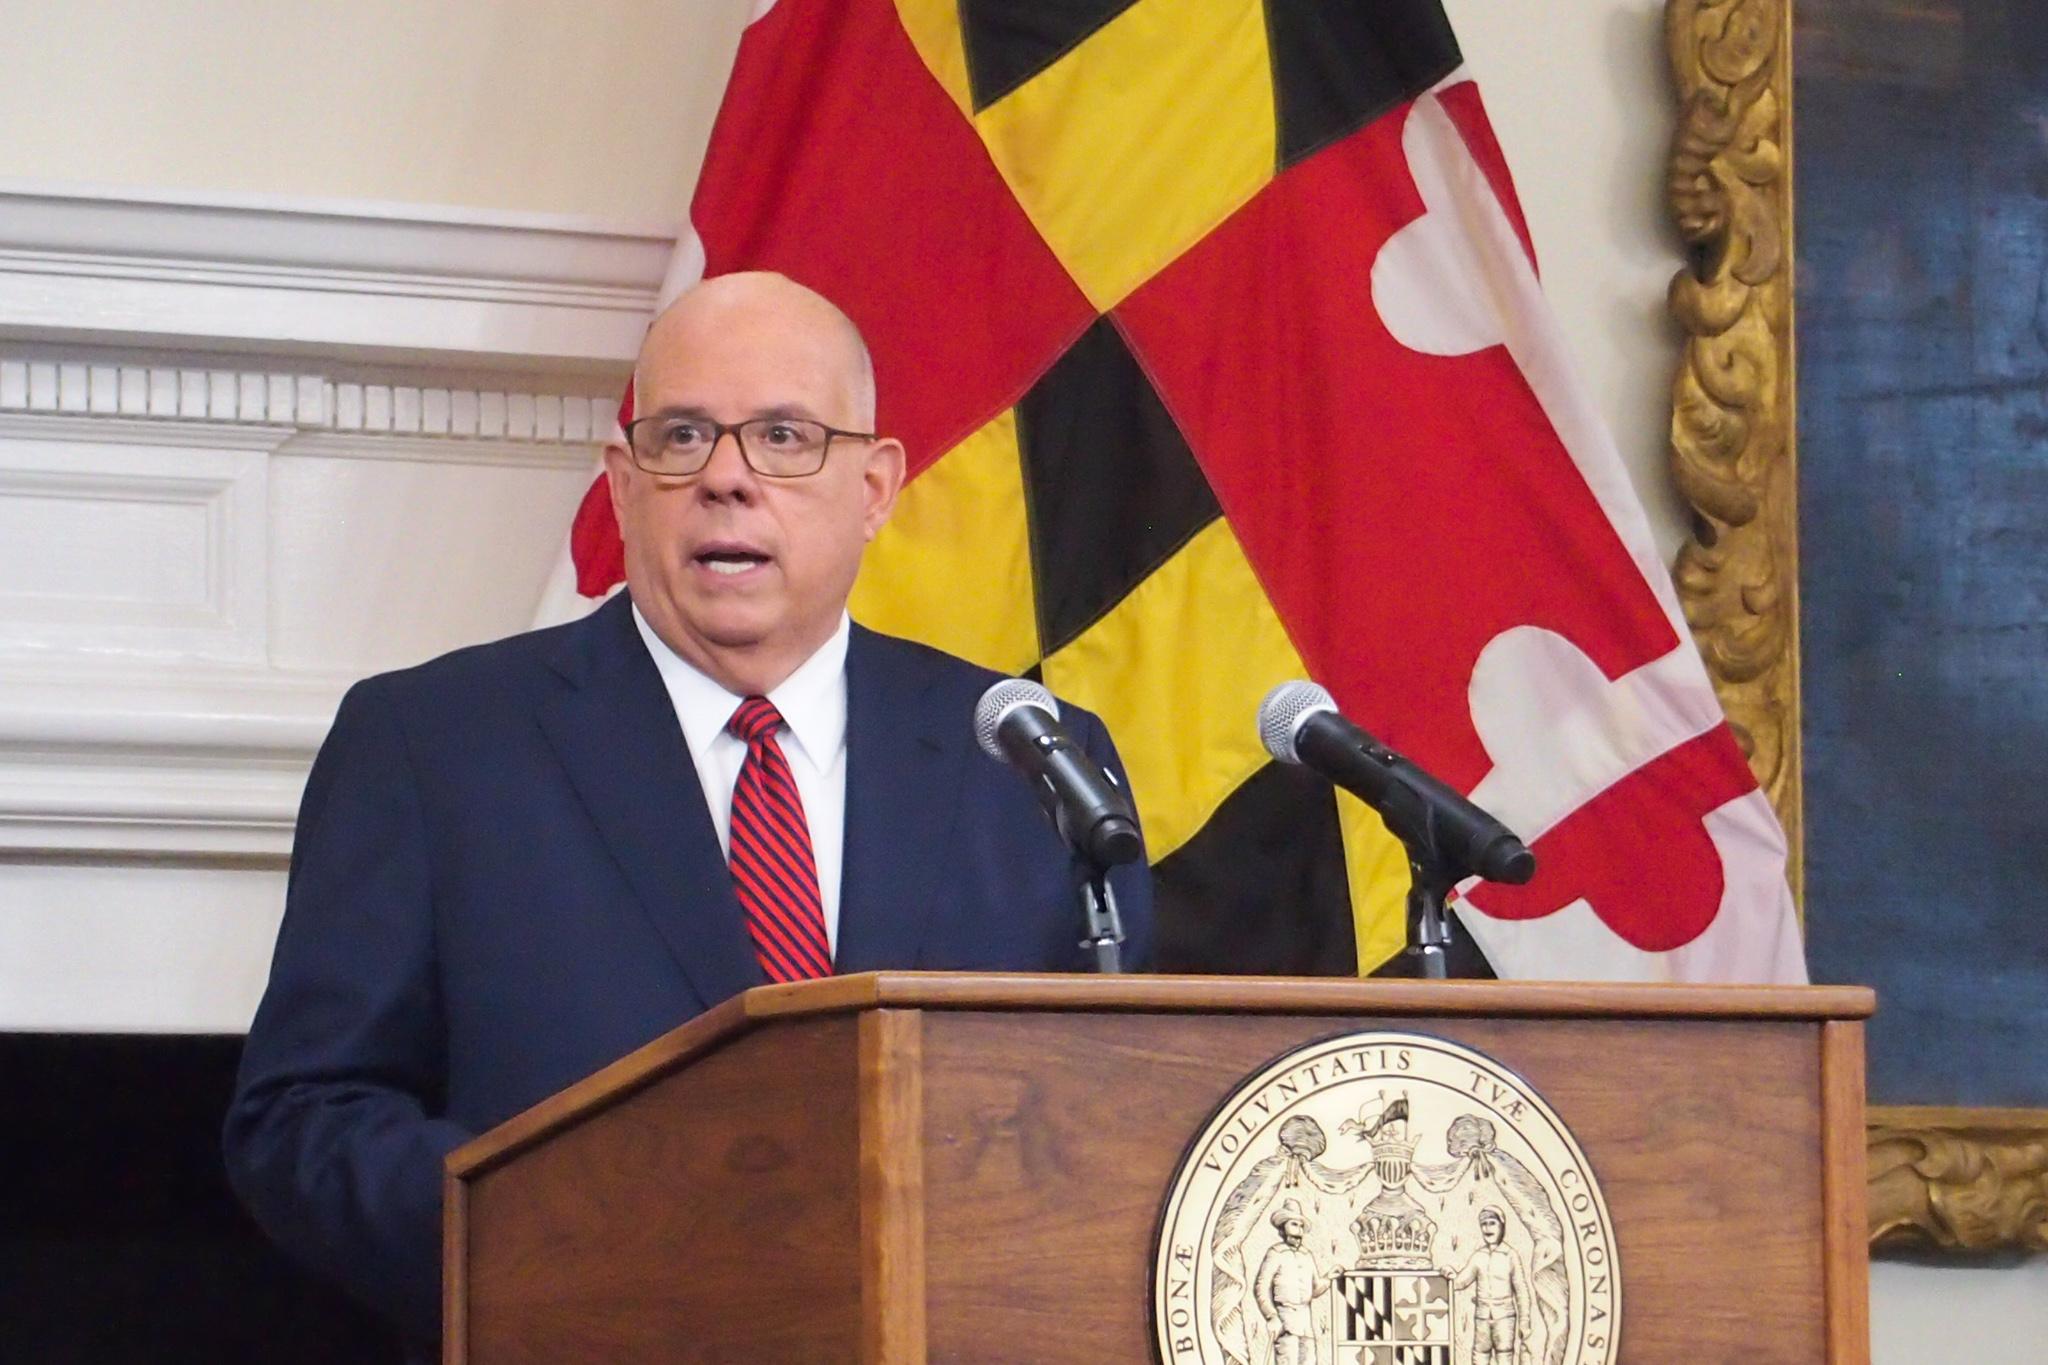 Hogan stands at a podium